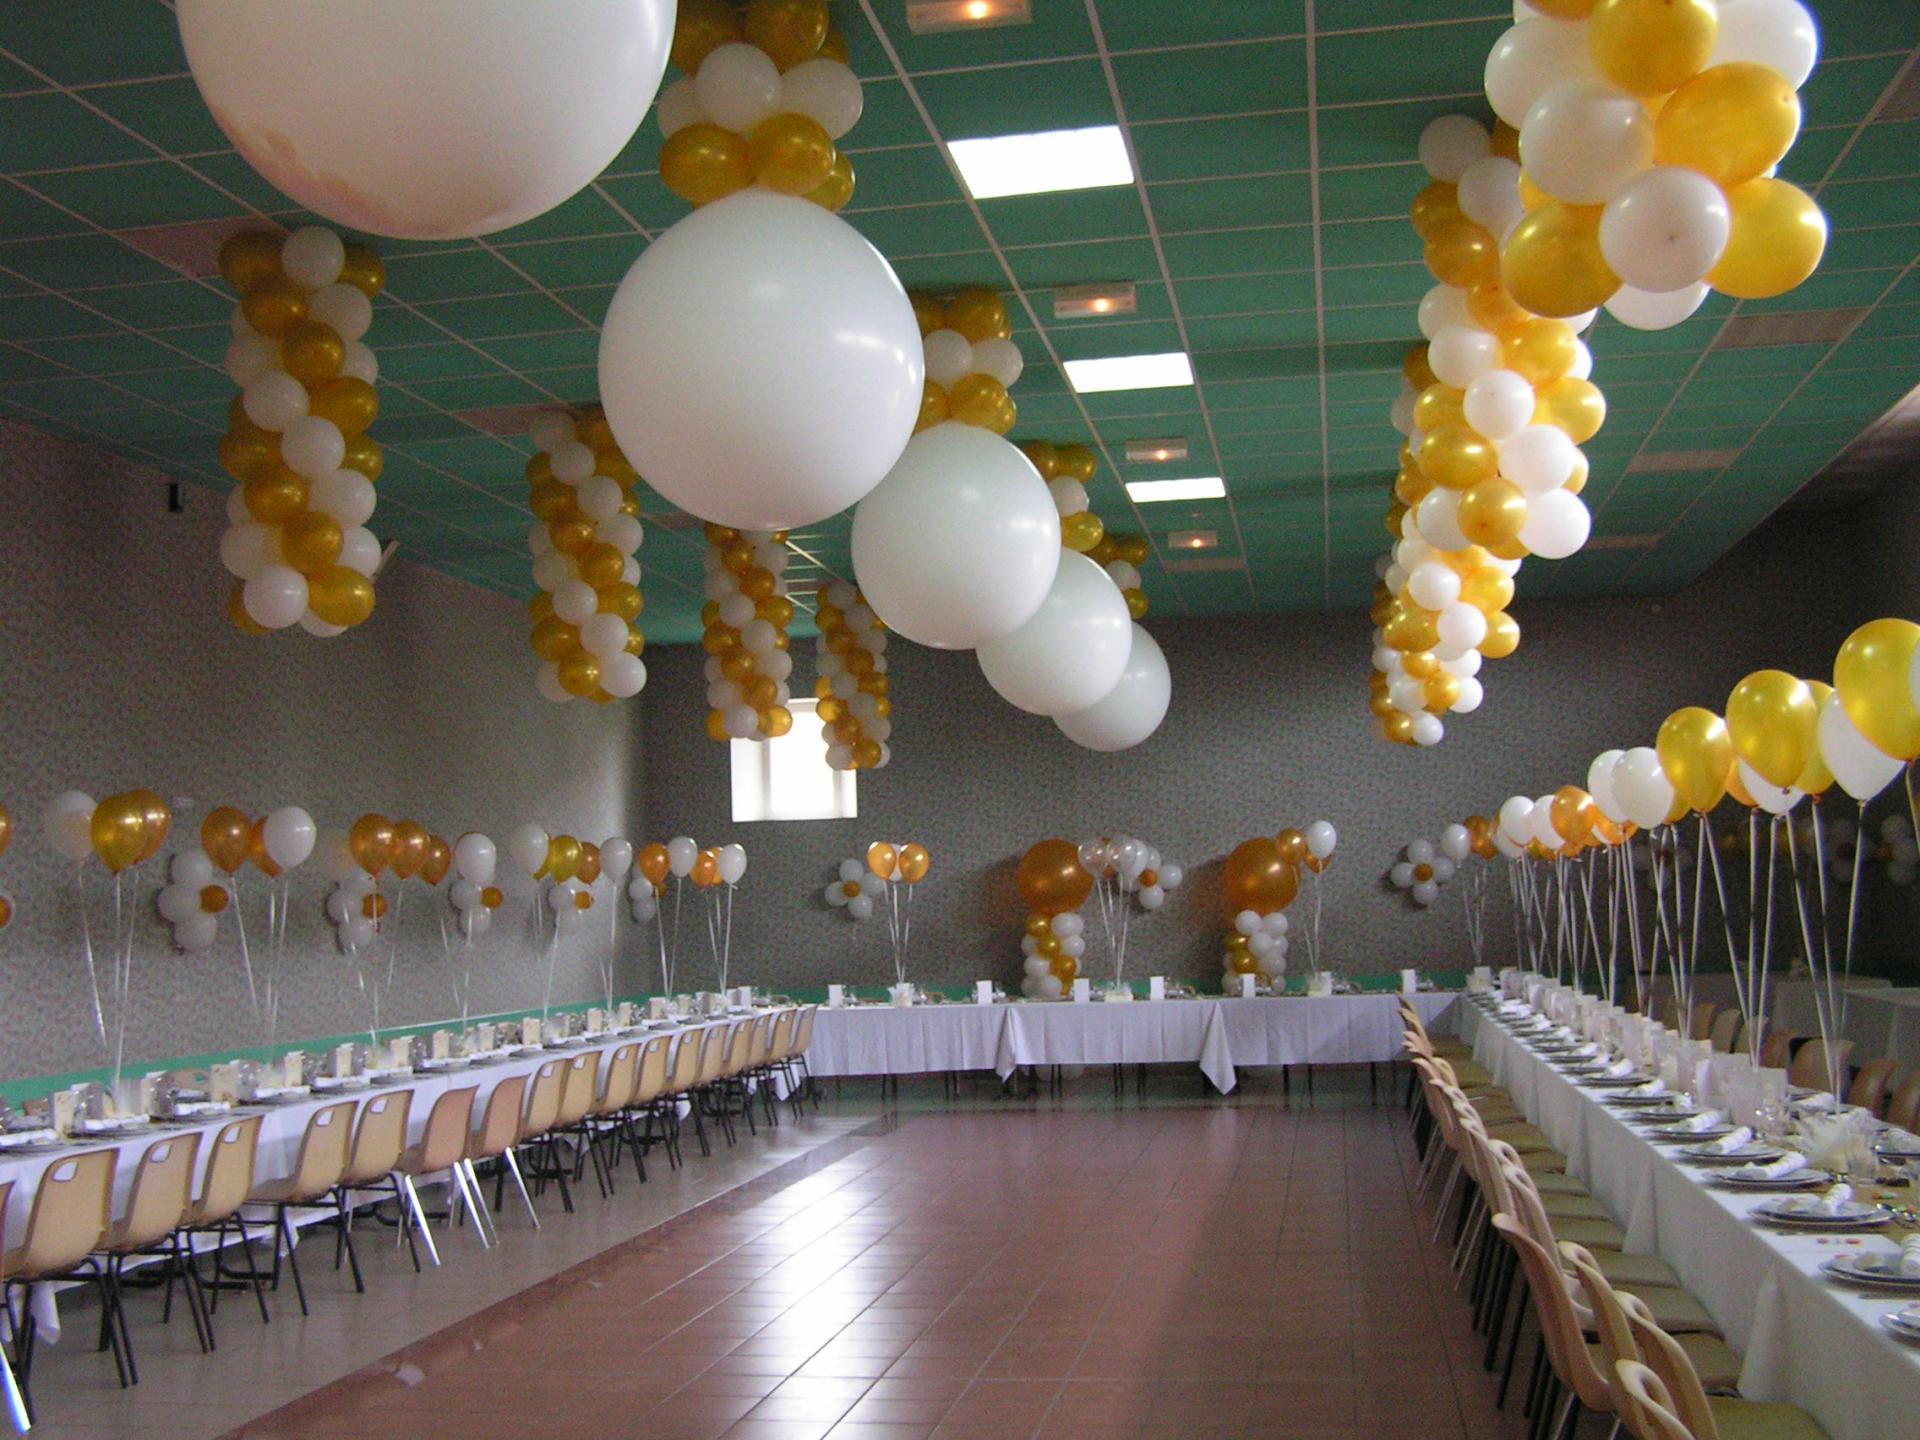 Décoration Ballons Mariage : colonne de Ballons et gros coeur